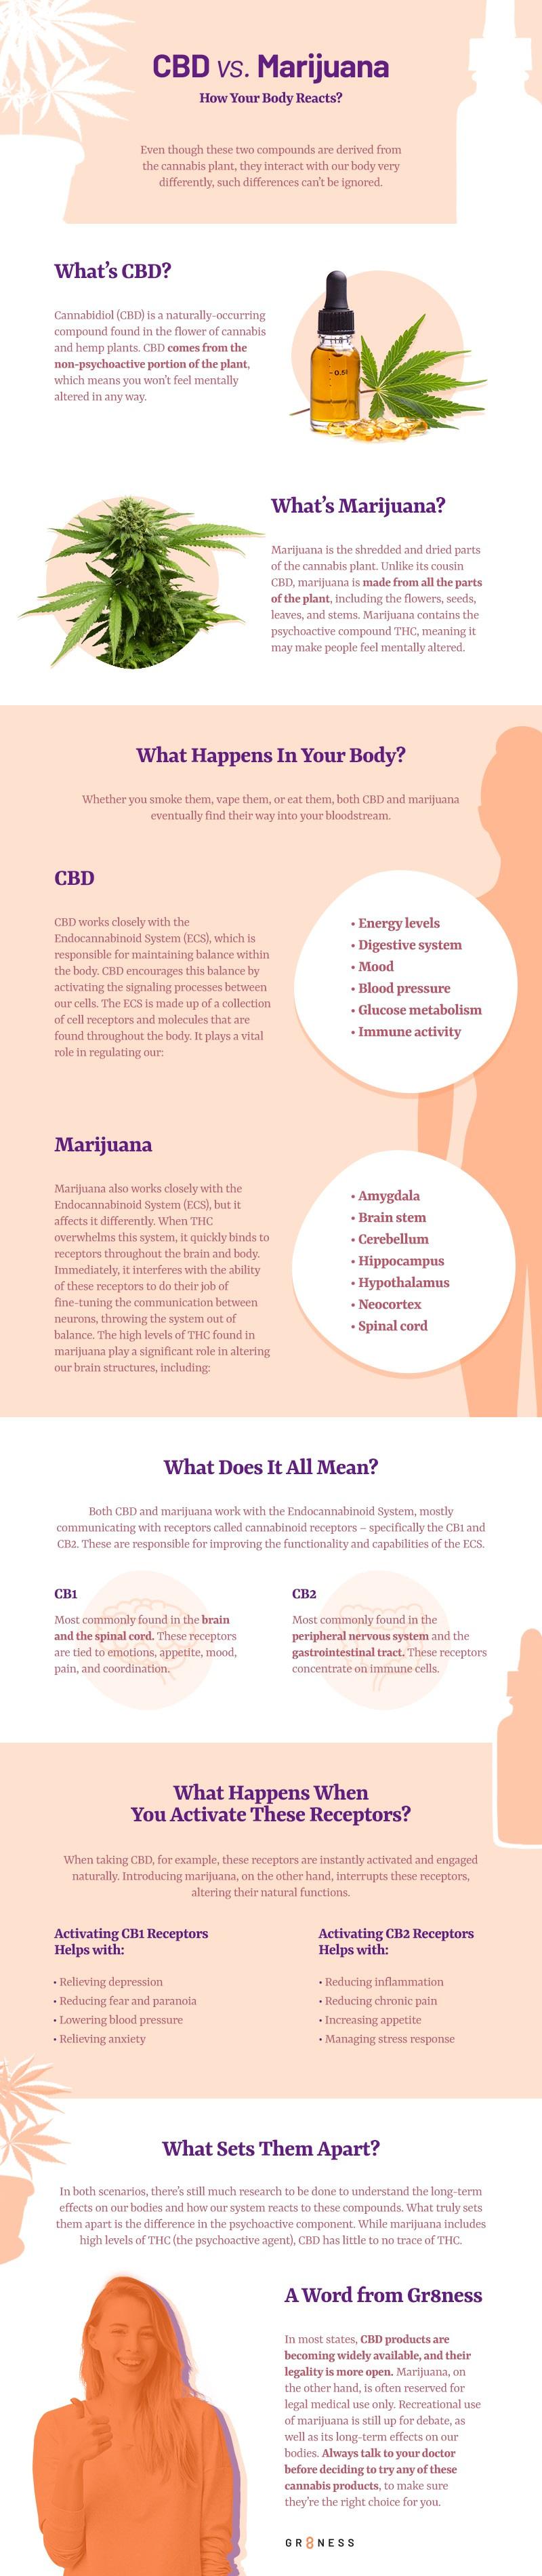 cbd vs marijuana